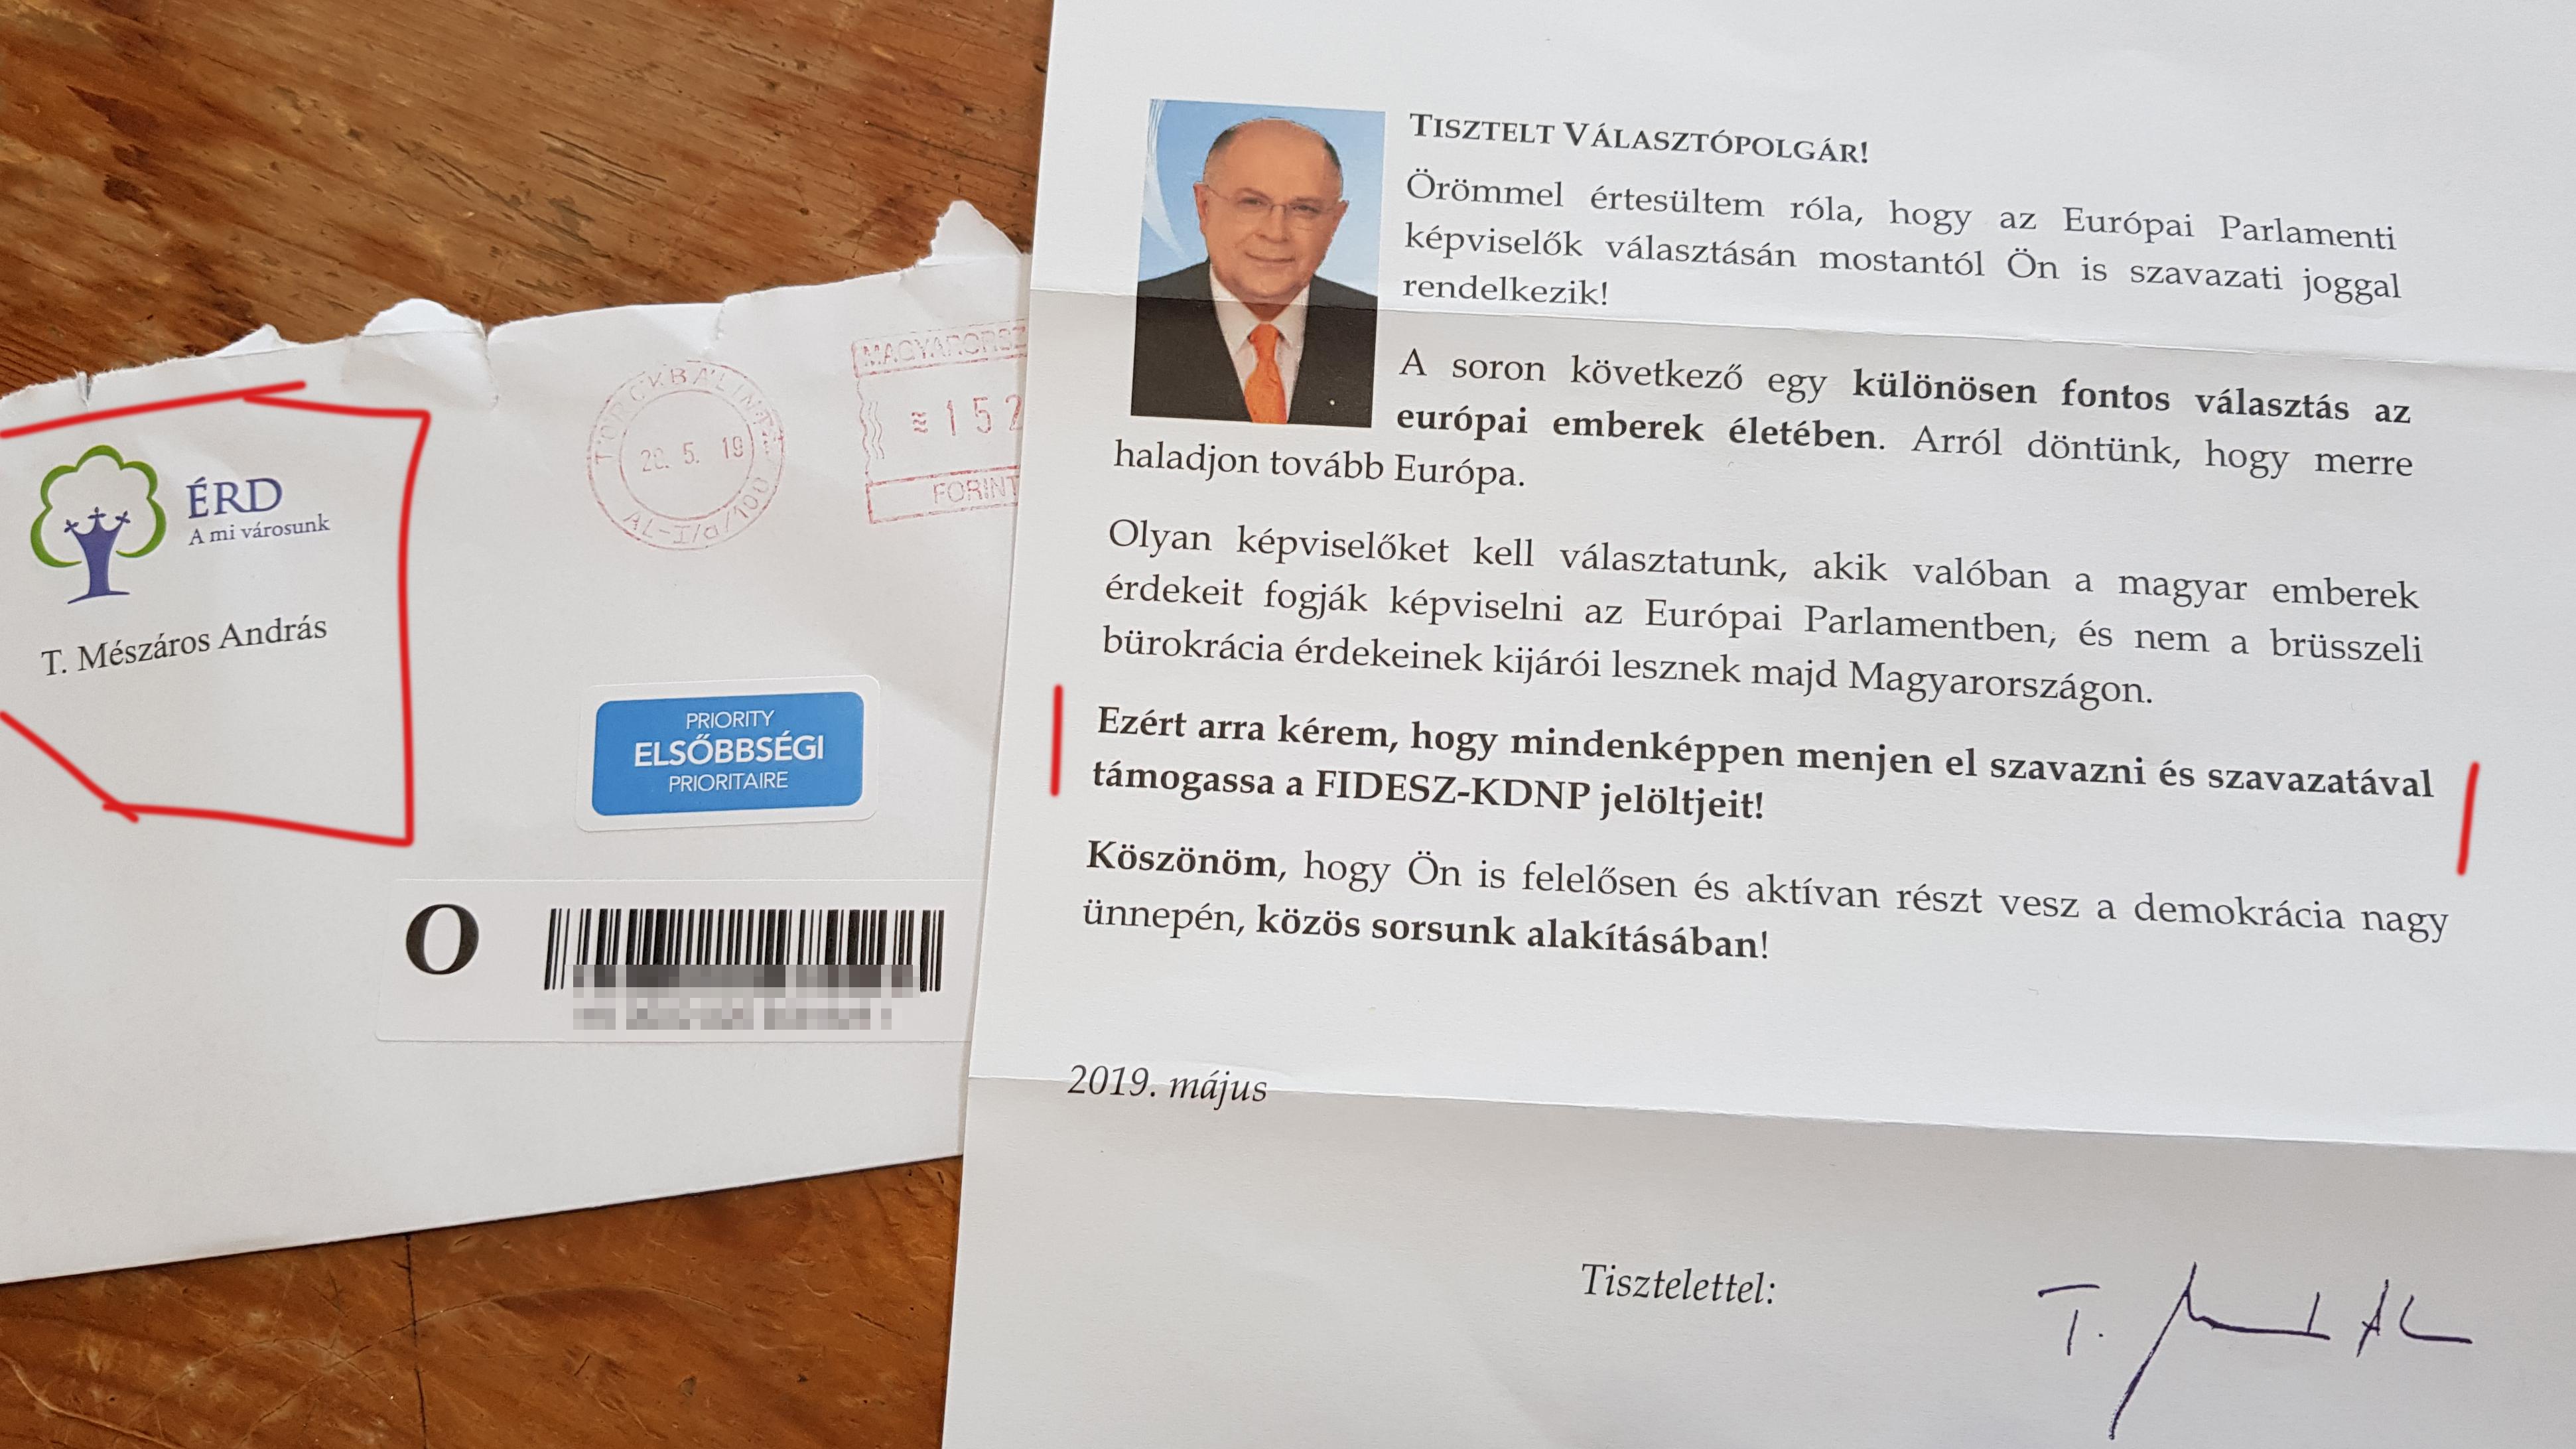 233 ezer forintra büntették az érdi polgármestert, amiért a város nevében kampányolt a Fidesznek